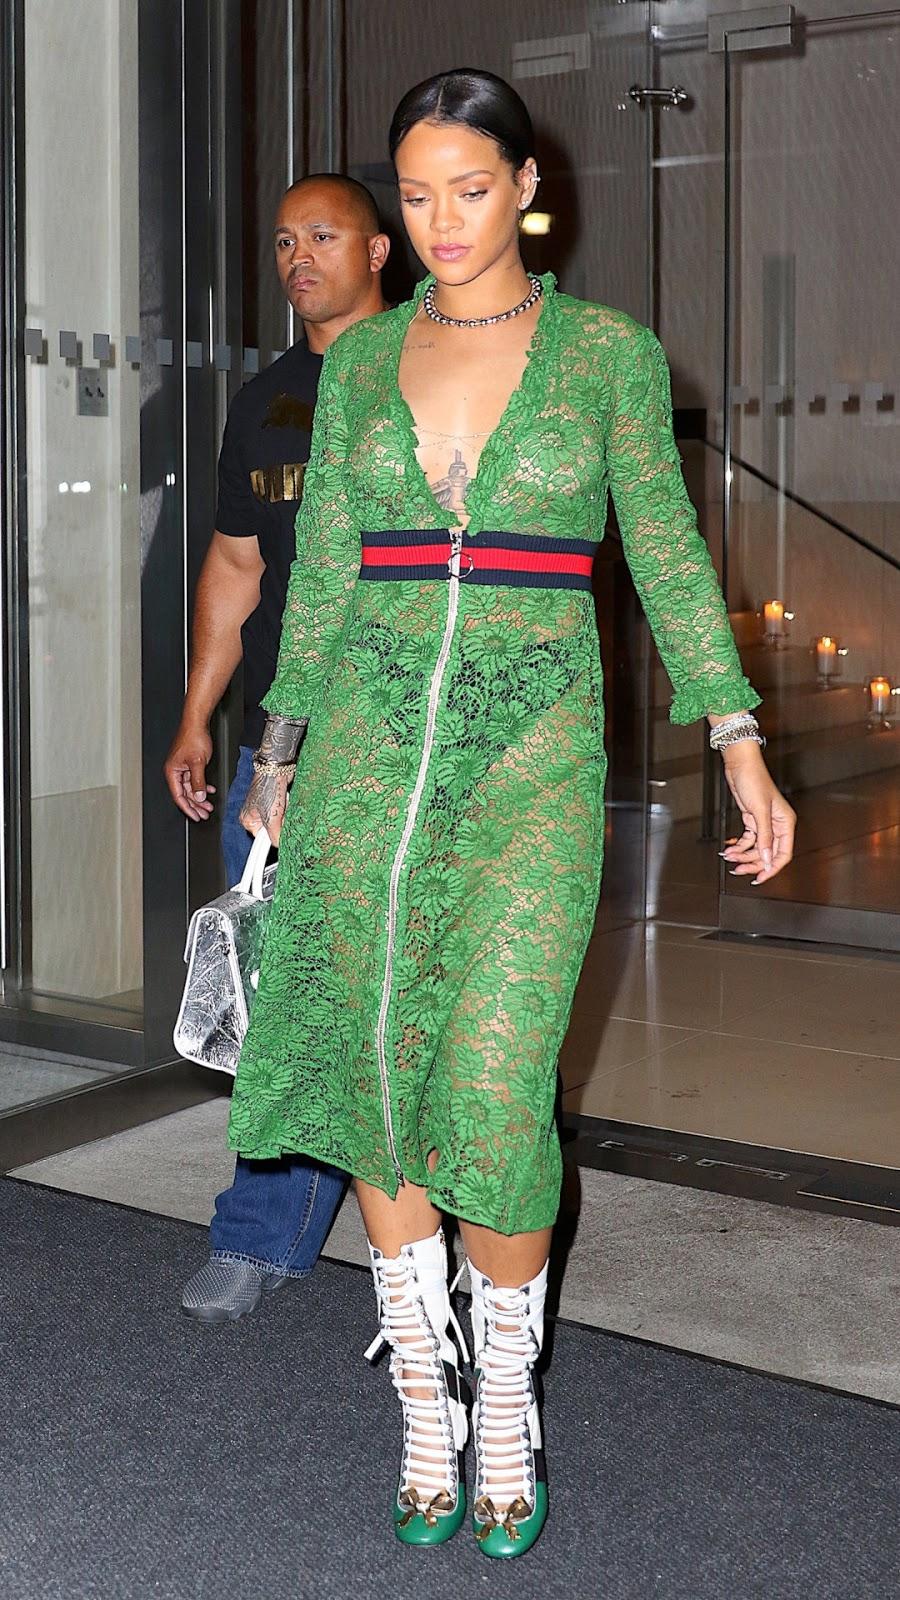 Greatest paparazzi photos of Rihanna - VJ CX